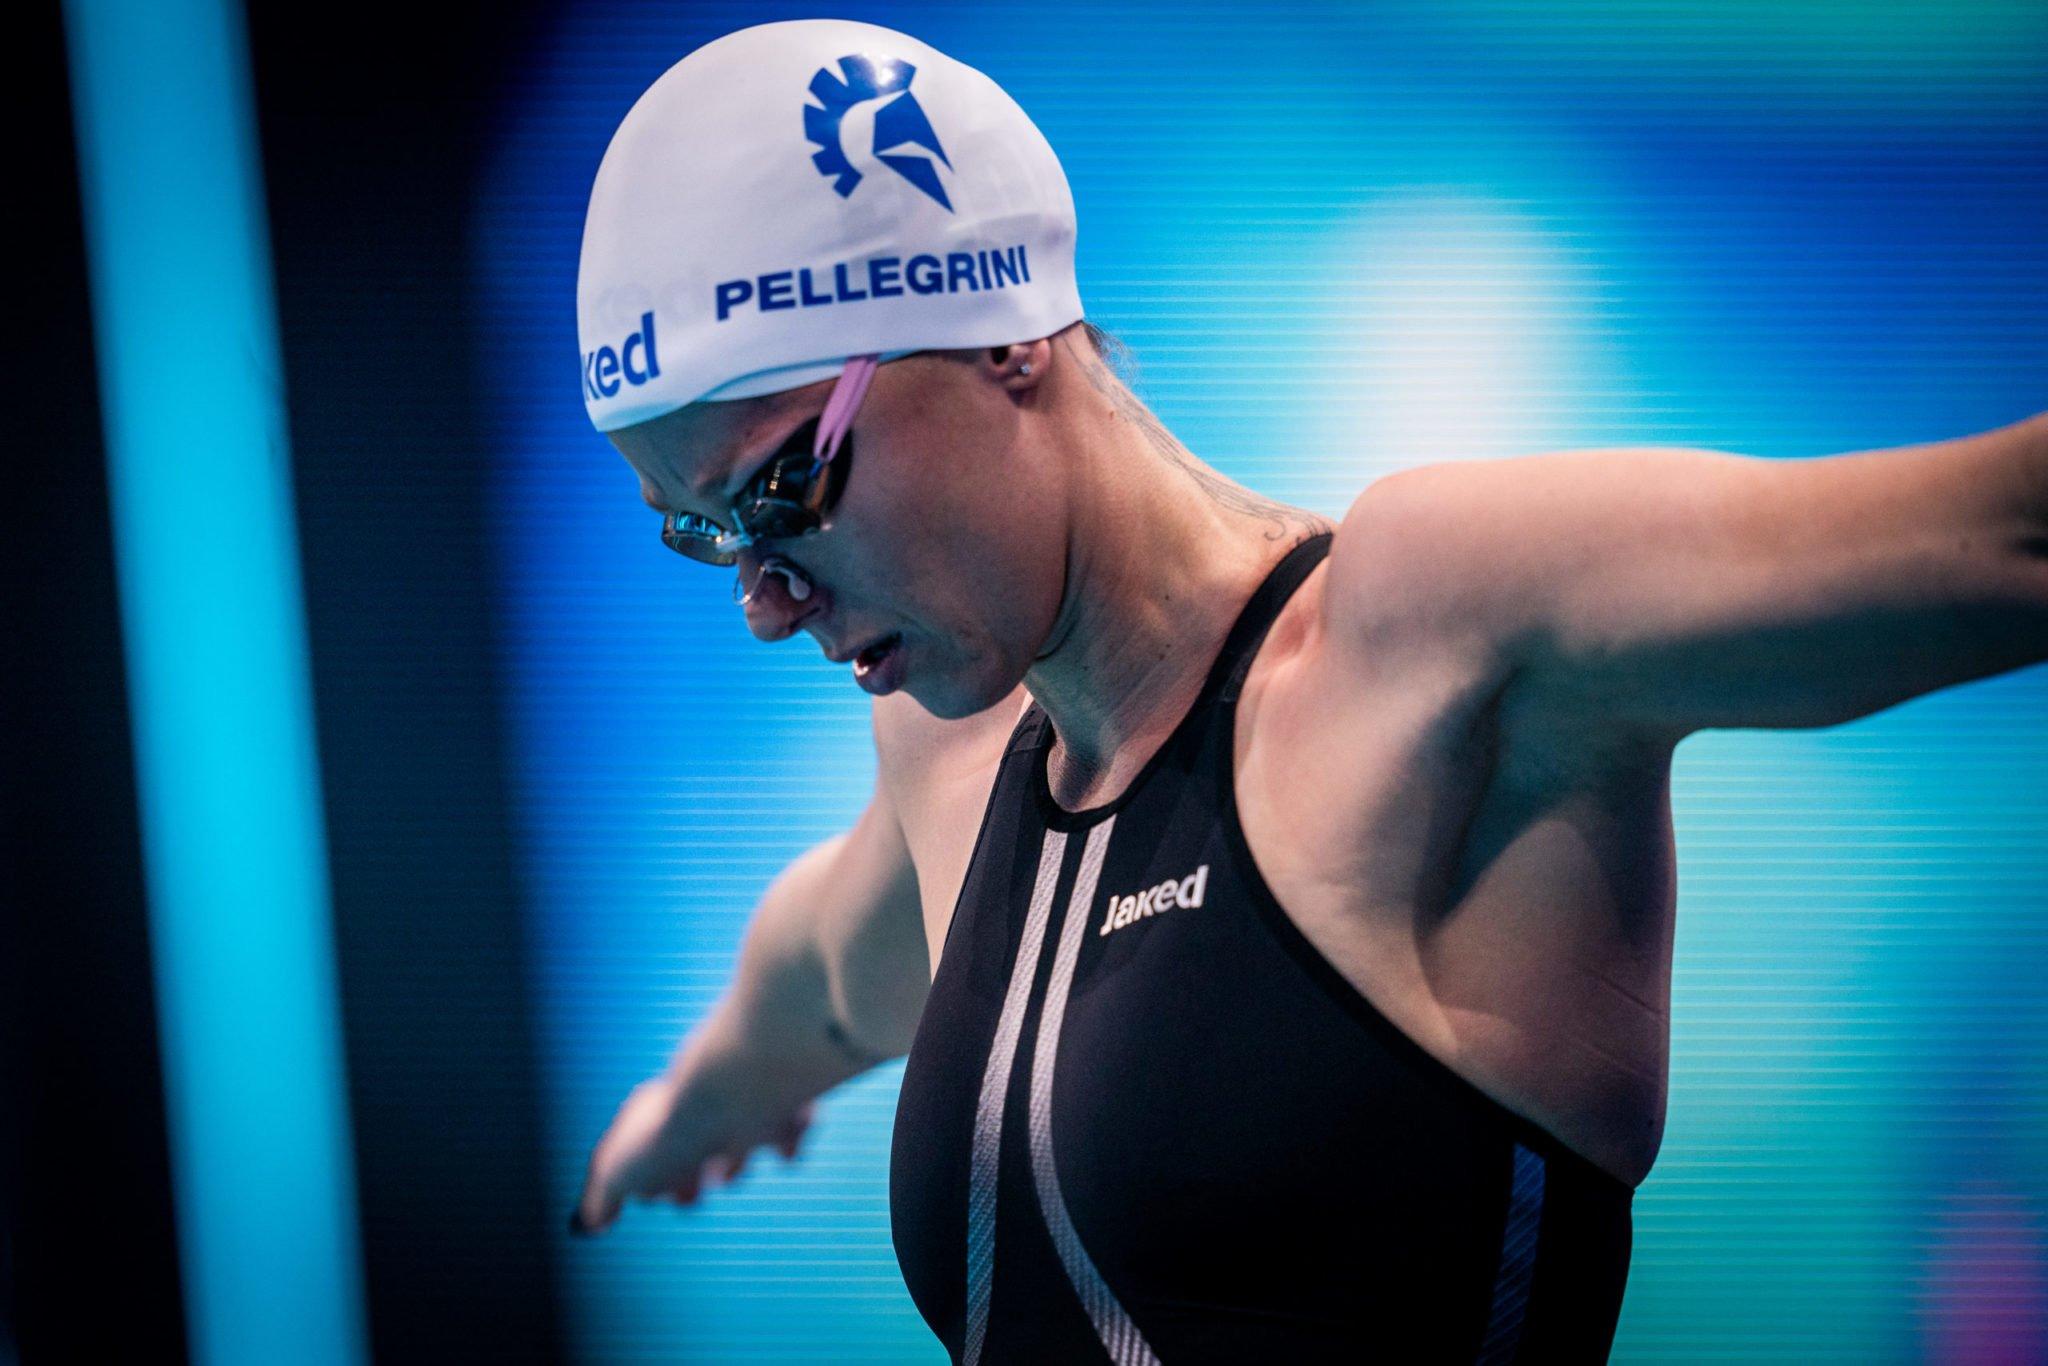 International Swimming League, Pellegrini e Dressel le stelle del nuoto a Napoli